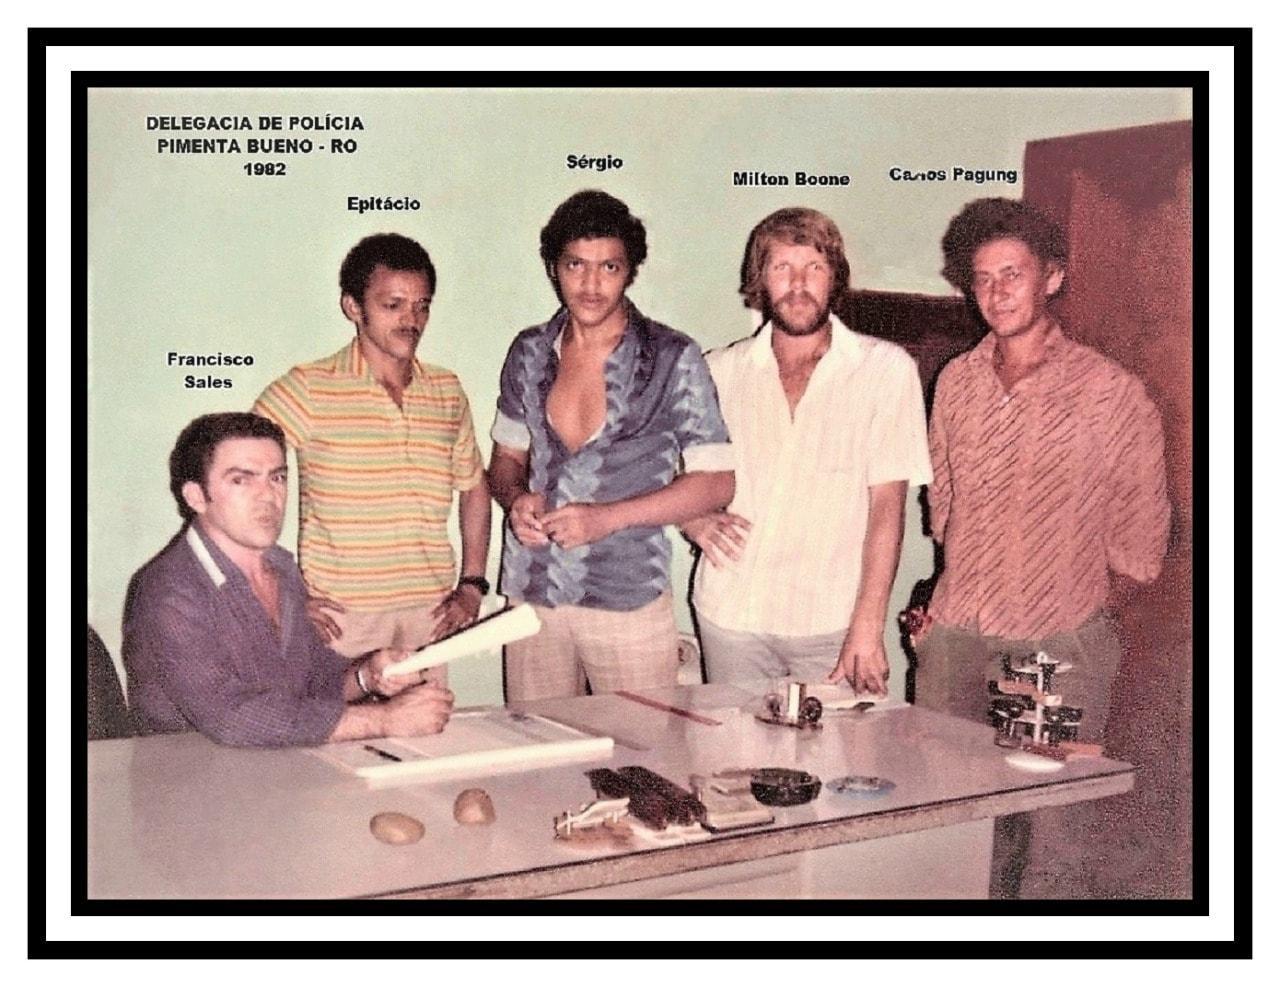 1982 – Delegacia de Polícia de Pimenta Bueno